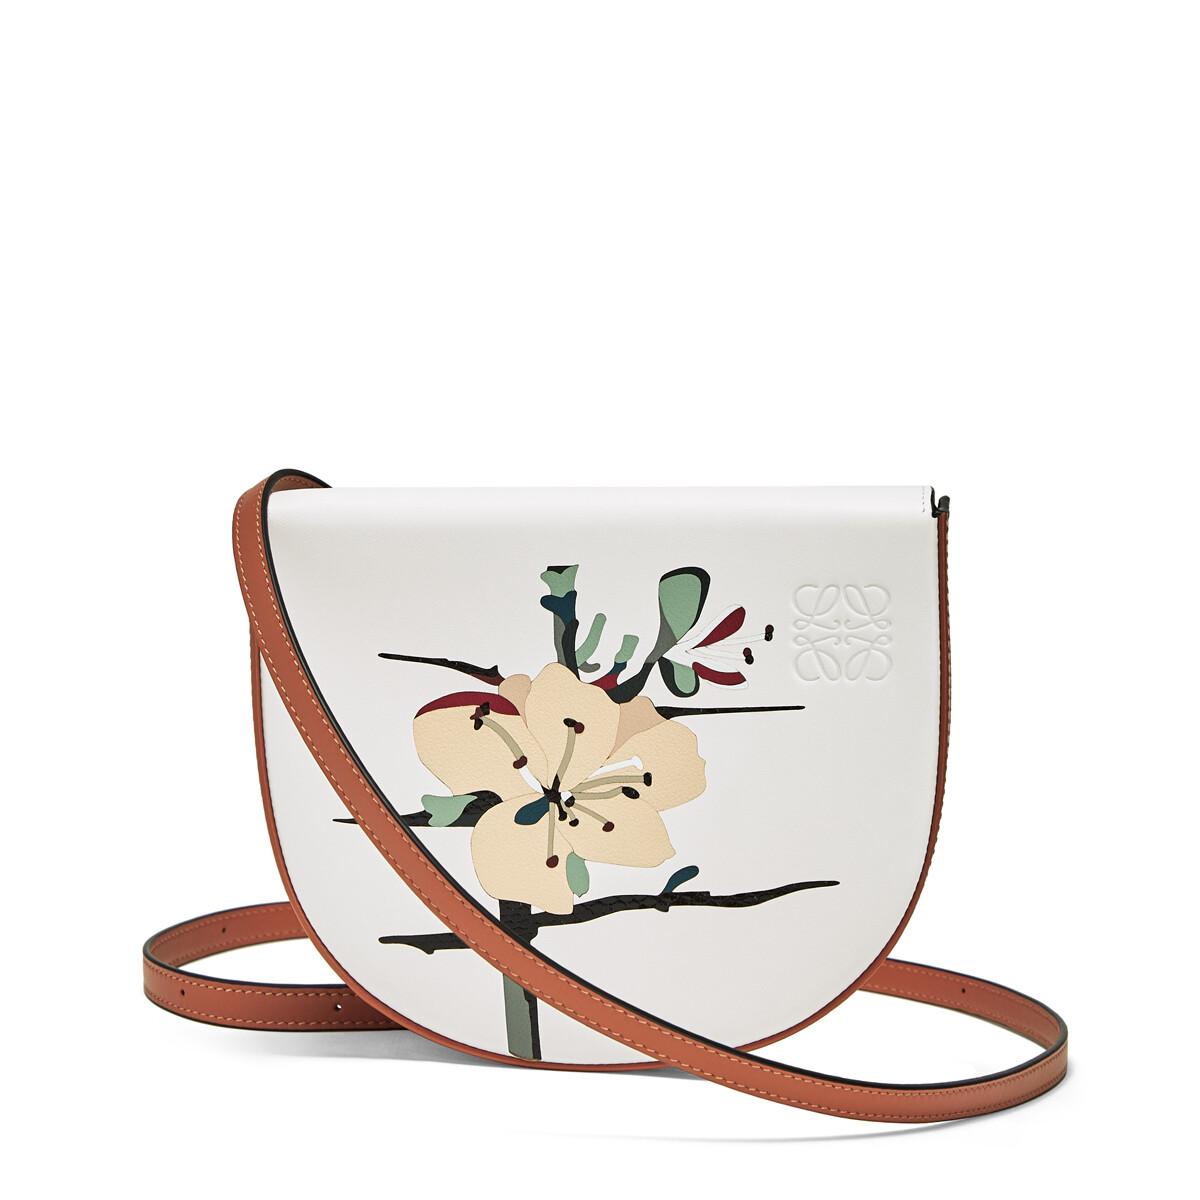 LOEWE Heel Mini Bag  Botanical Soft White/Tan front